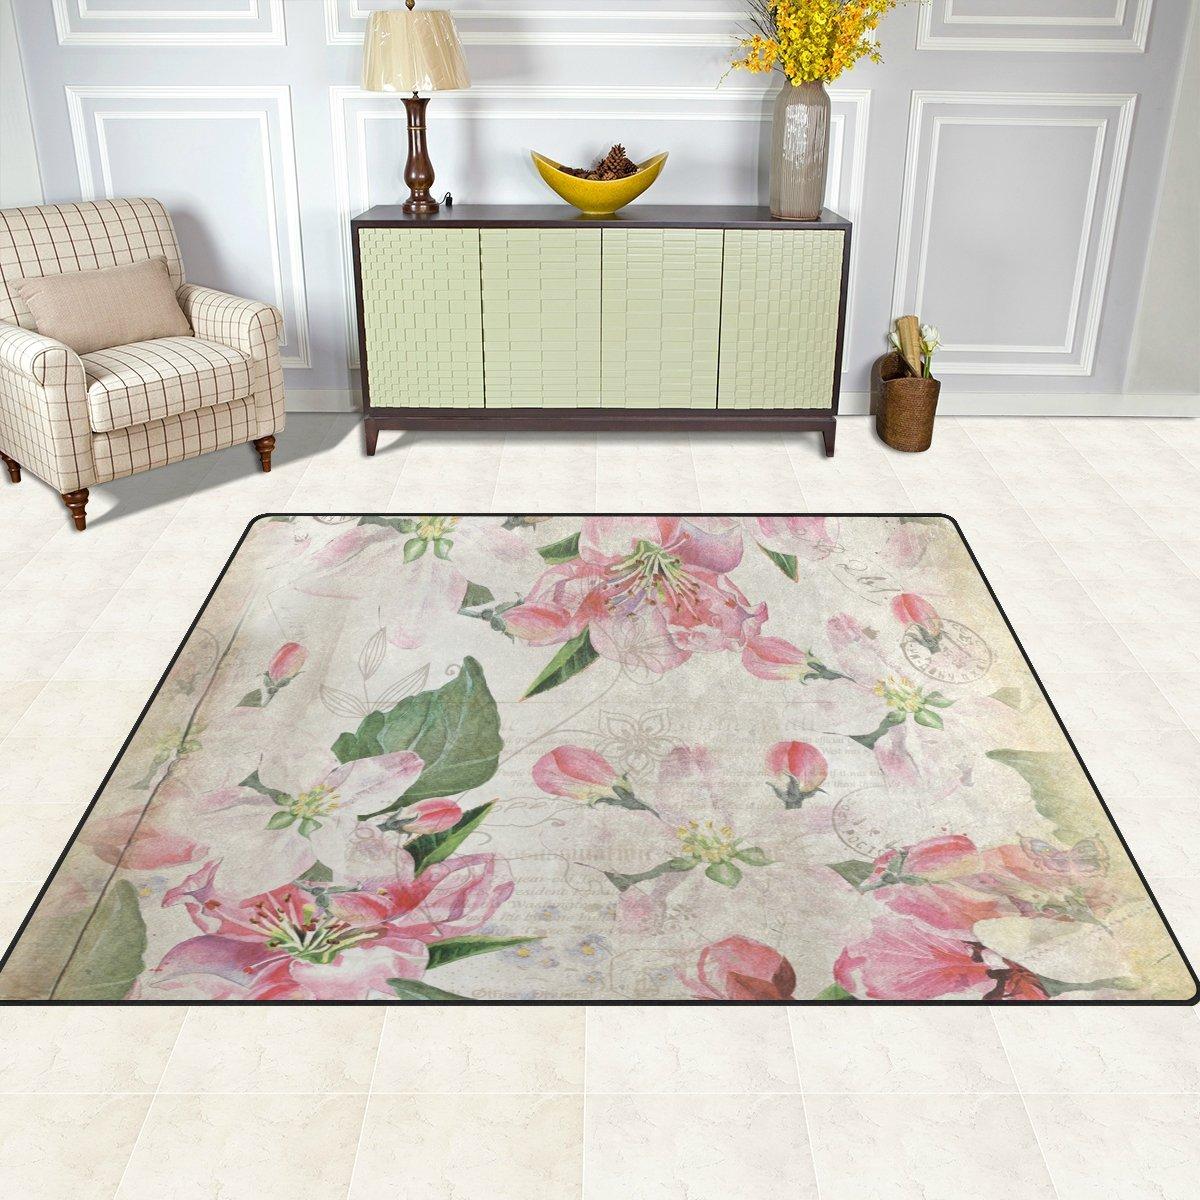 Ingbags Super Doux Floral moderne Zone vintage Tapis Tapis Tapis de salon Chambre /à coucher pour enfants jouer solide Home Decorator Sol Tapis et moquettes 160/x 121,9/cm 63 x 48 Inch multicolore